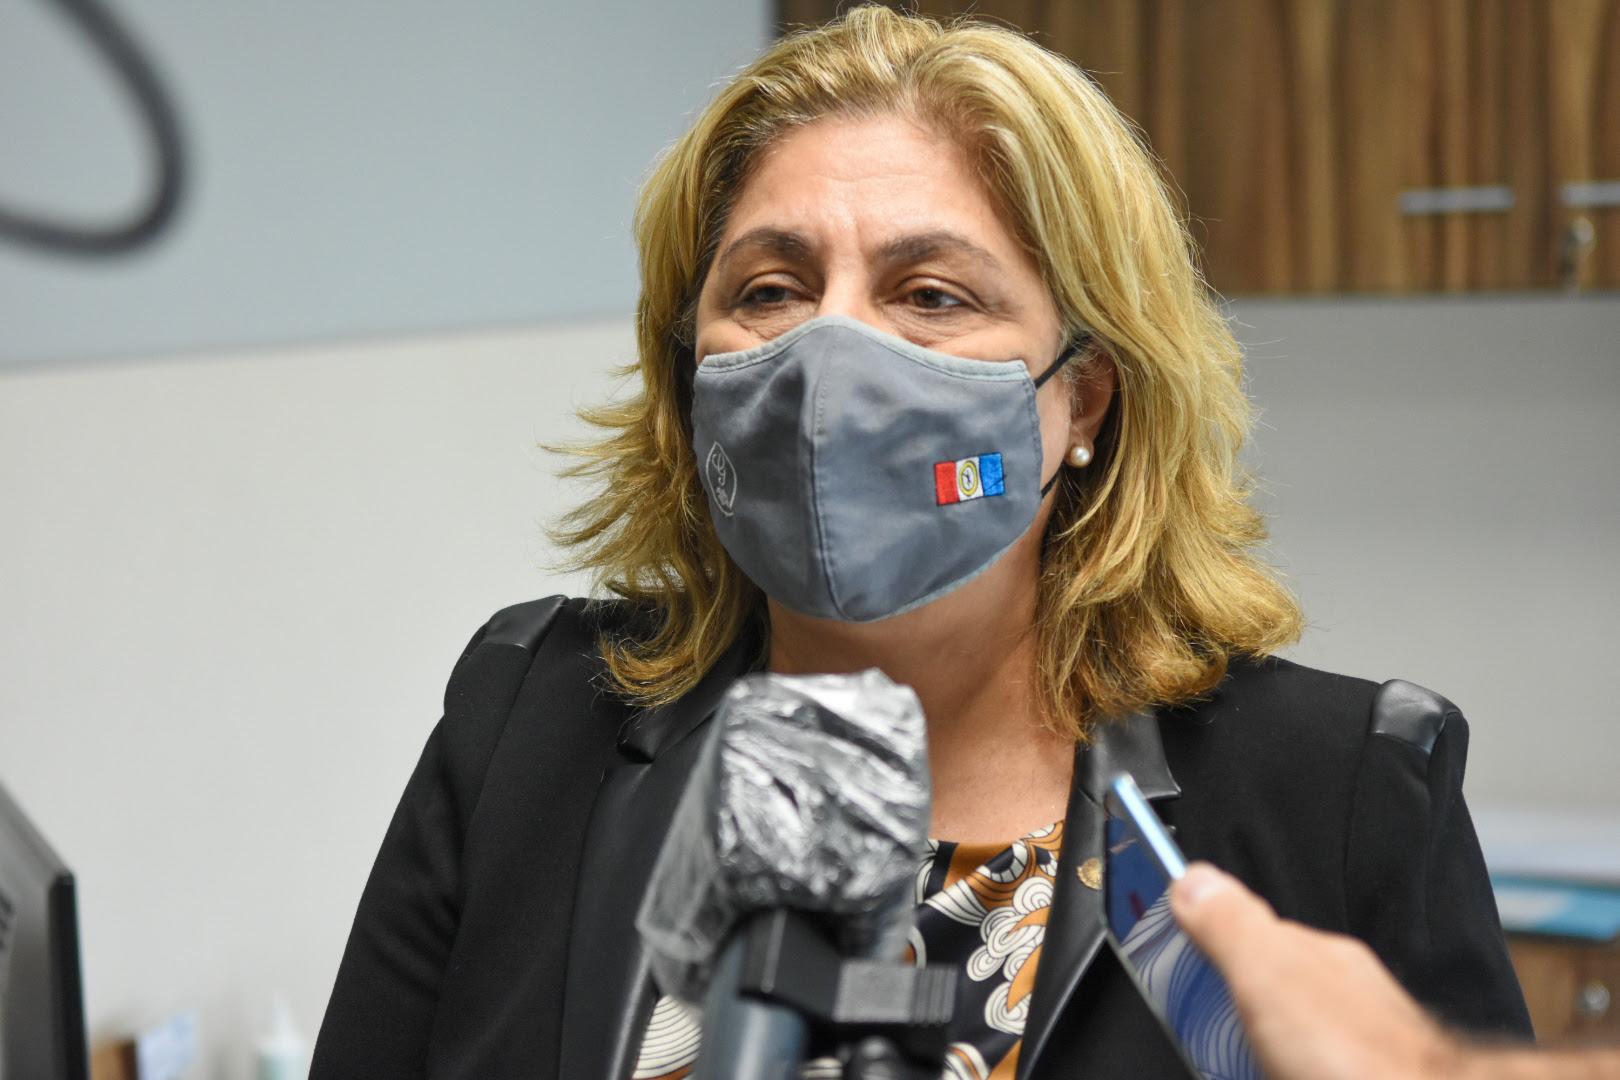 La ministra blanqueó la preocupación oficial por el ritmo de contagios.